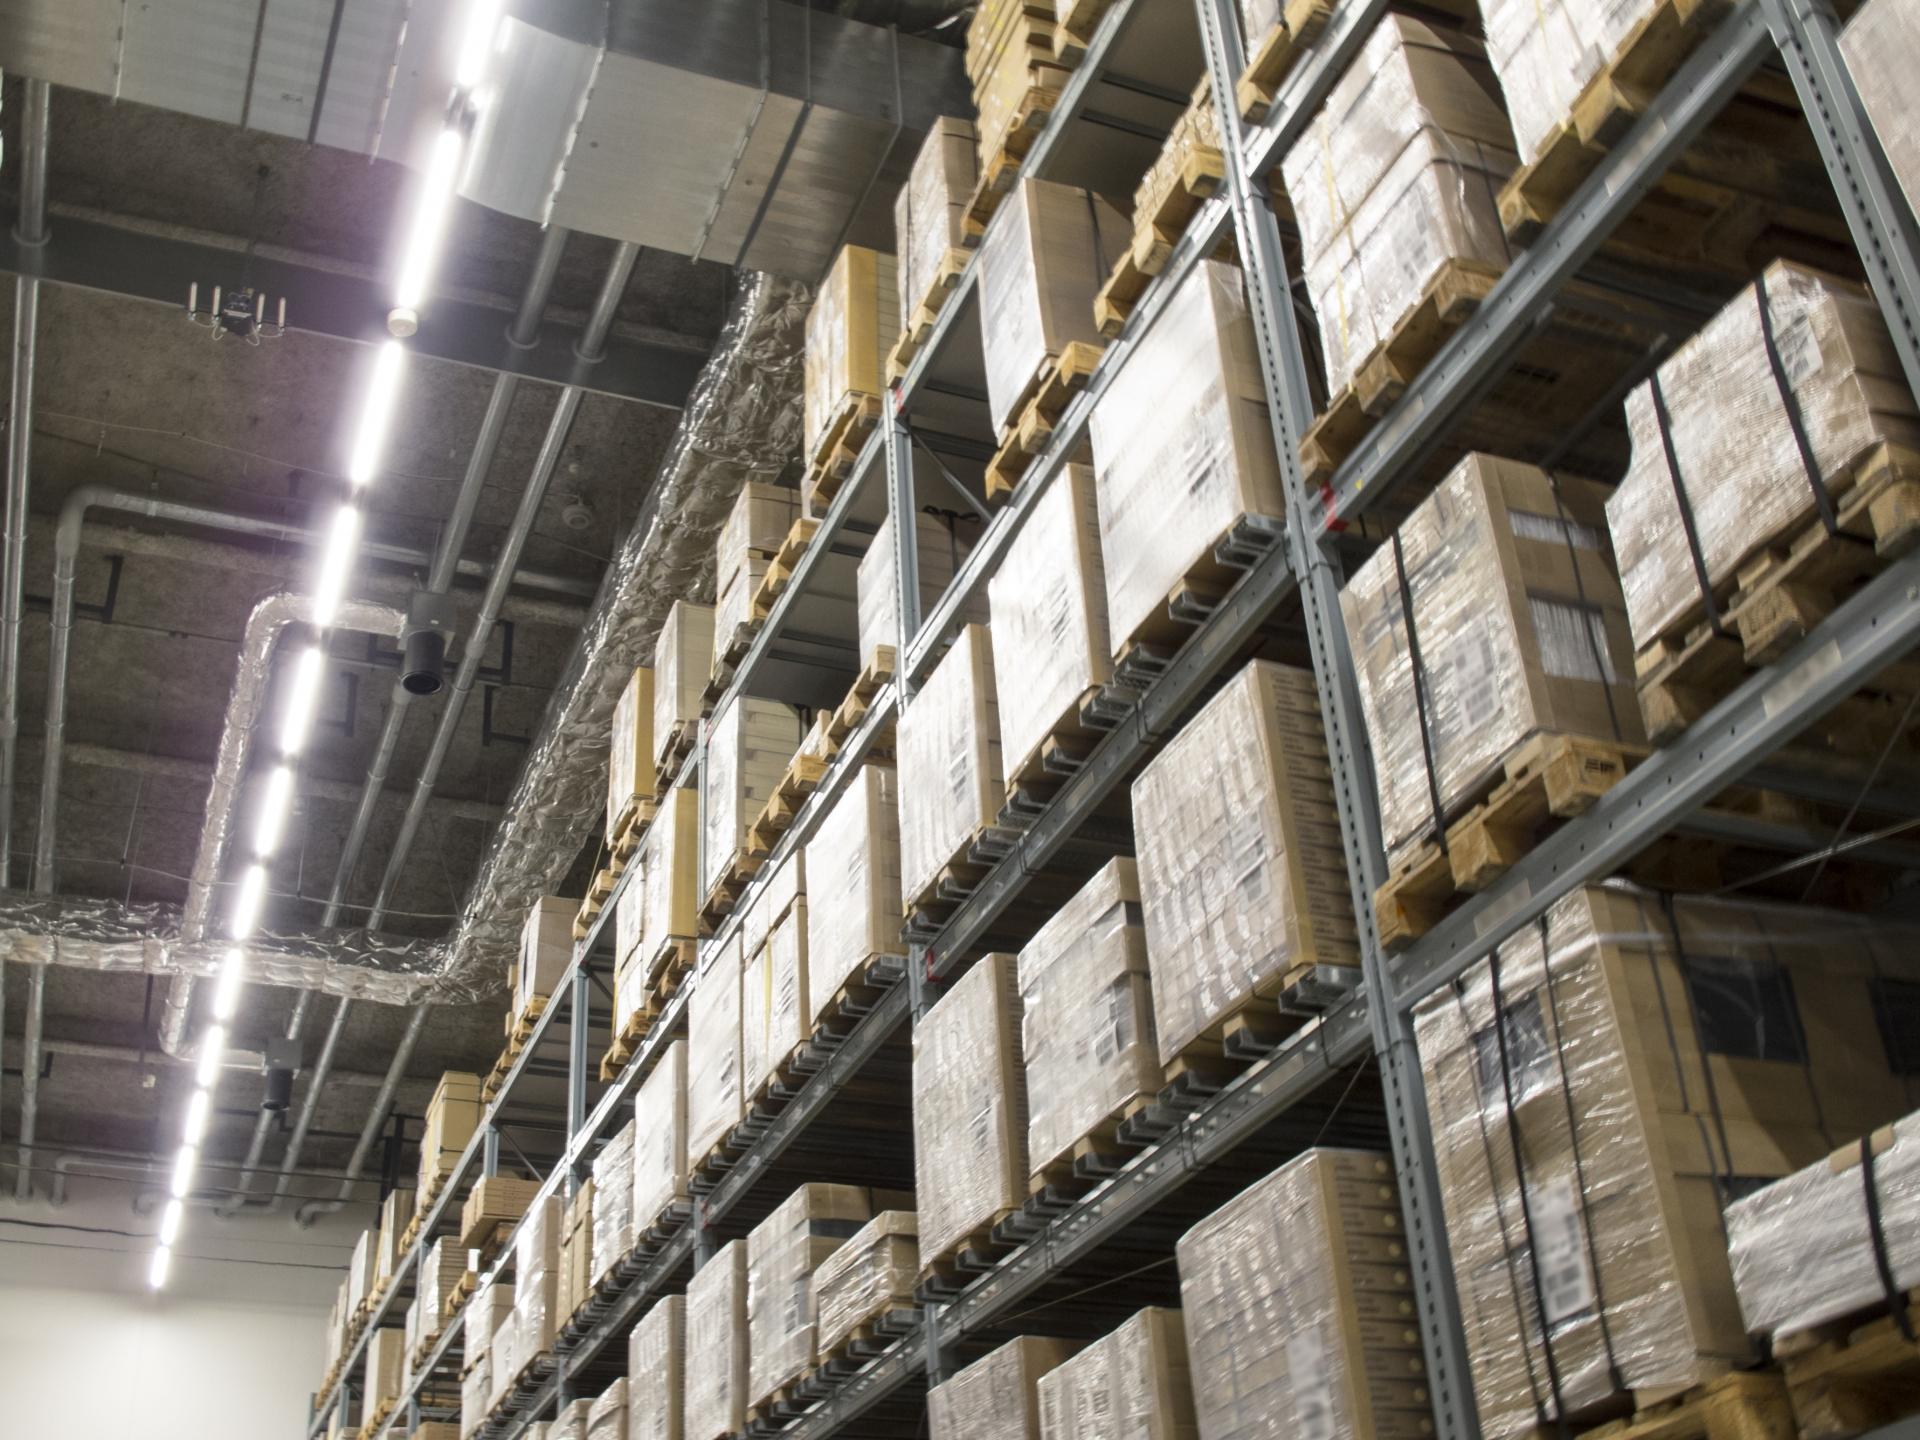 棚卸および受払いを自動化し、非接触業務を推進